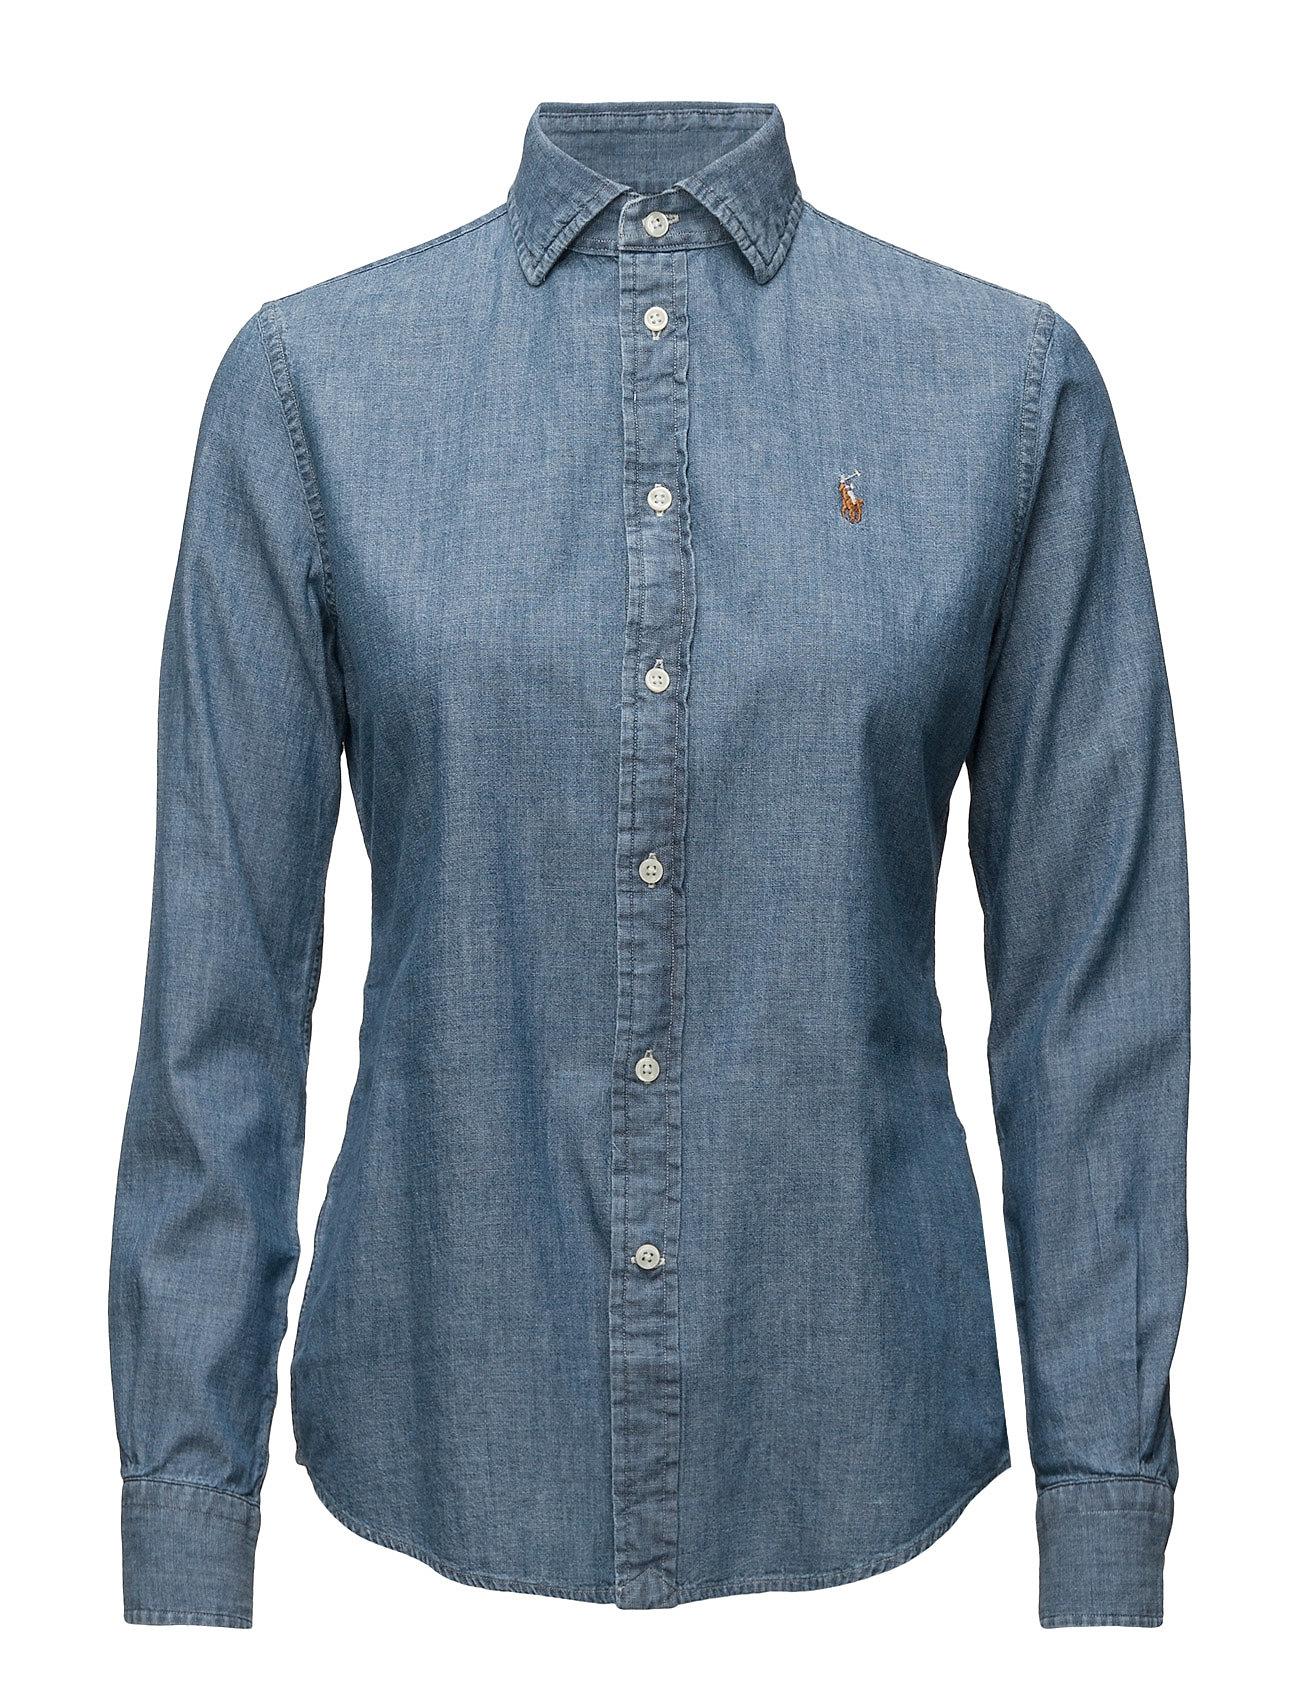 Polo Ralph Lauren Slim Fit Chambray Shirt - COBALT